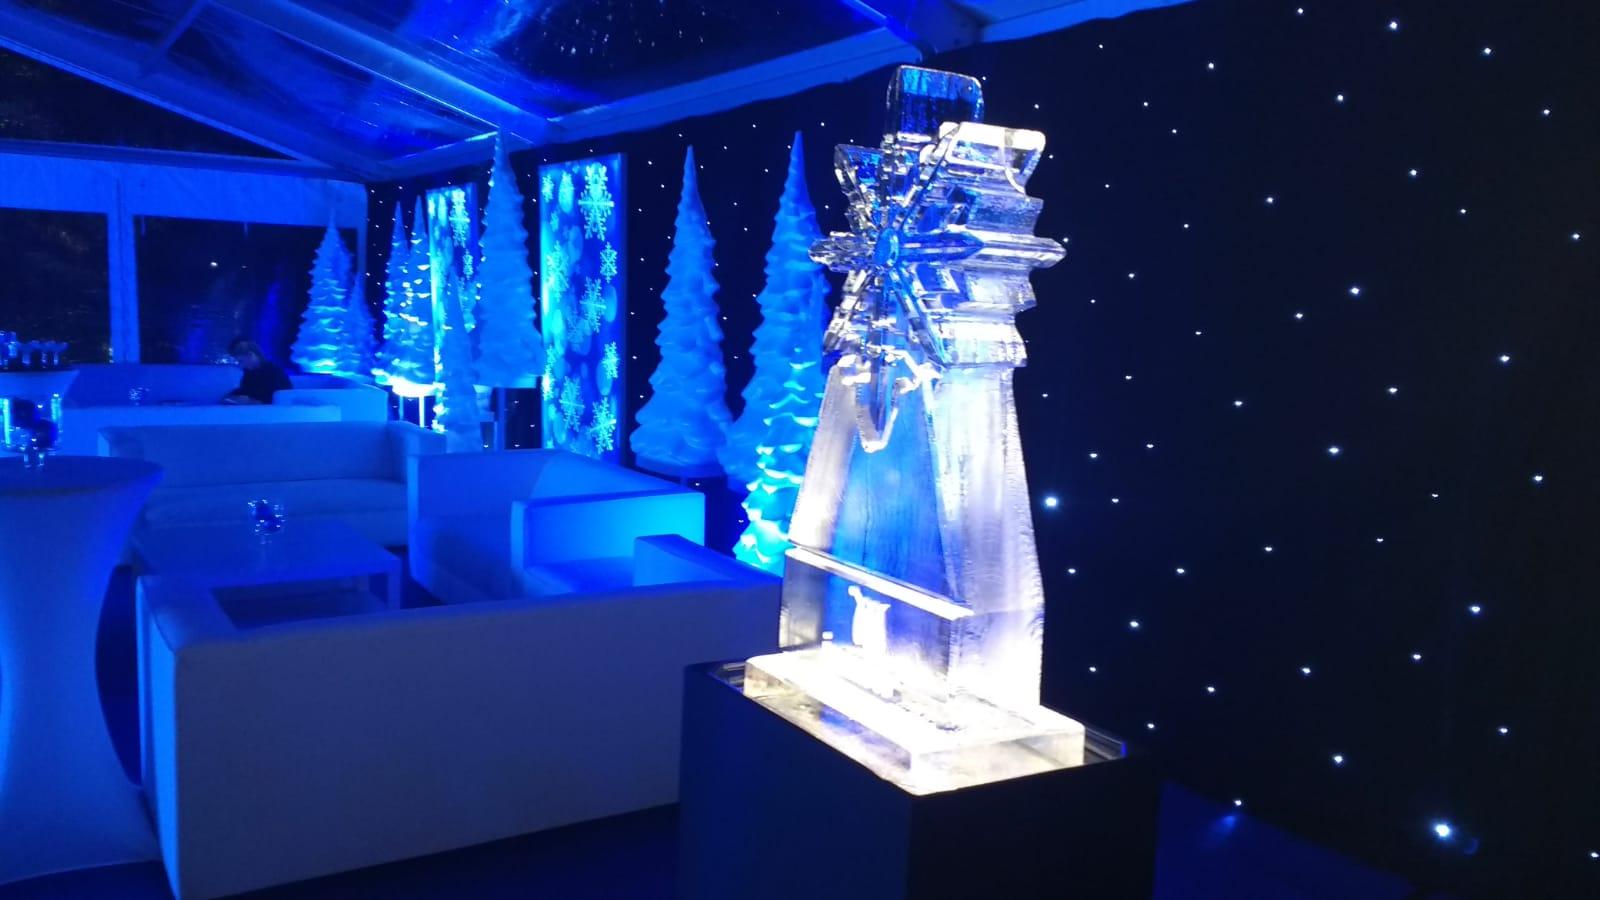 Snowflake - Christmas themed event